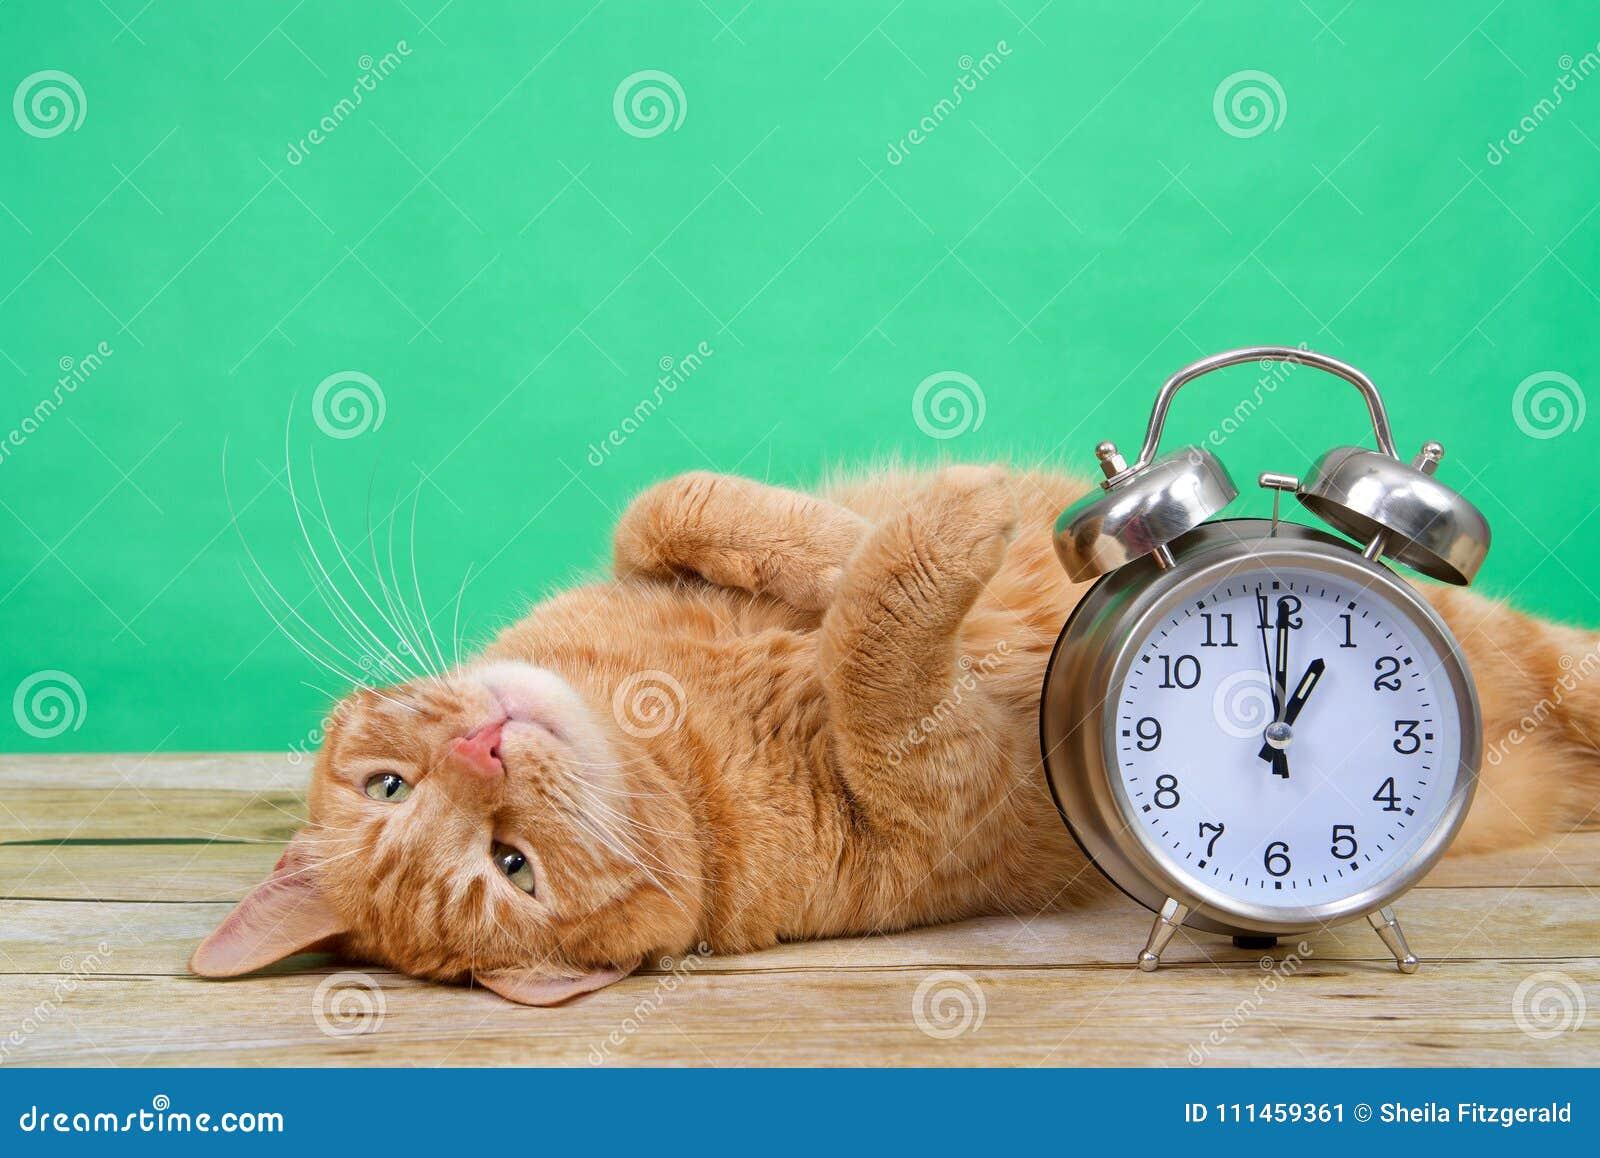 Świateł dziennych Savings Tabby kota kłaść do góry nogami